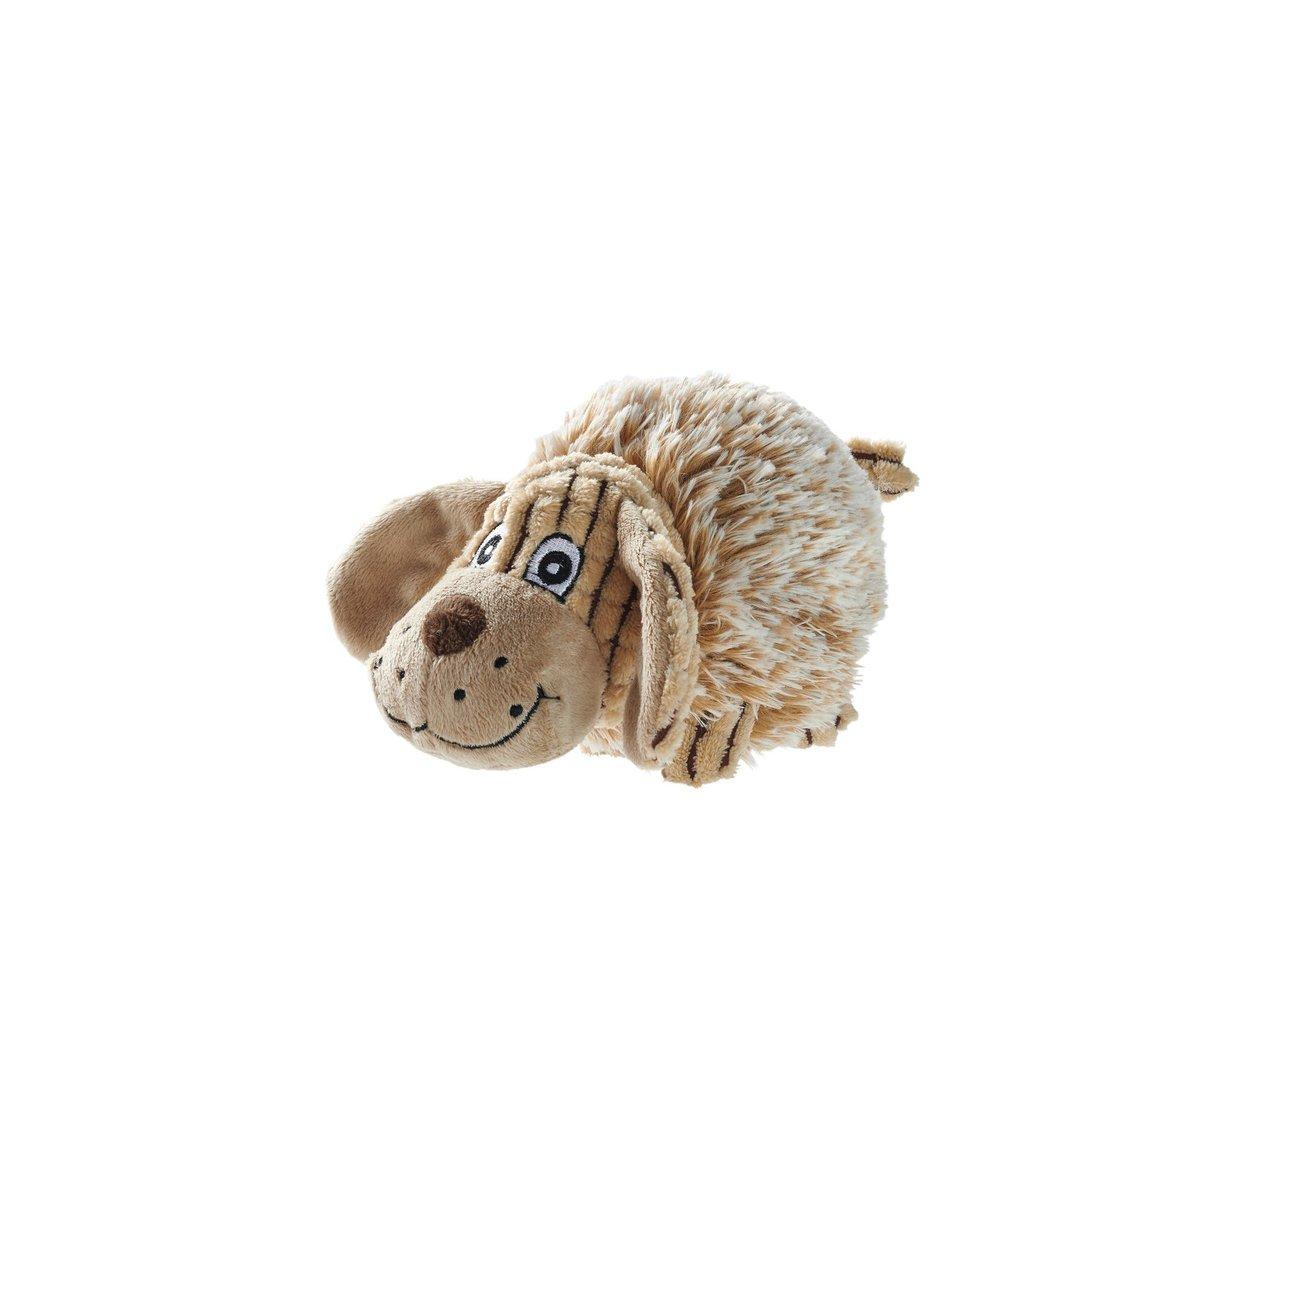 Hunter Hundespielzeug Pori 67754, Bild 2